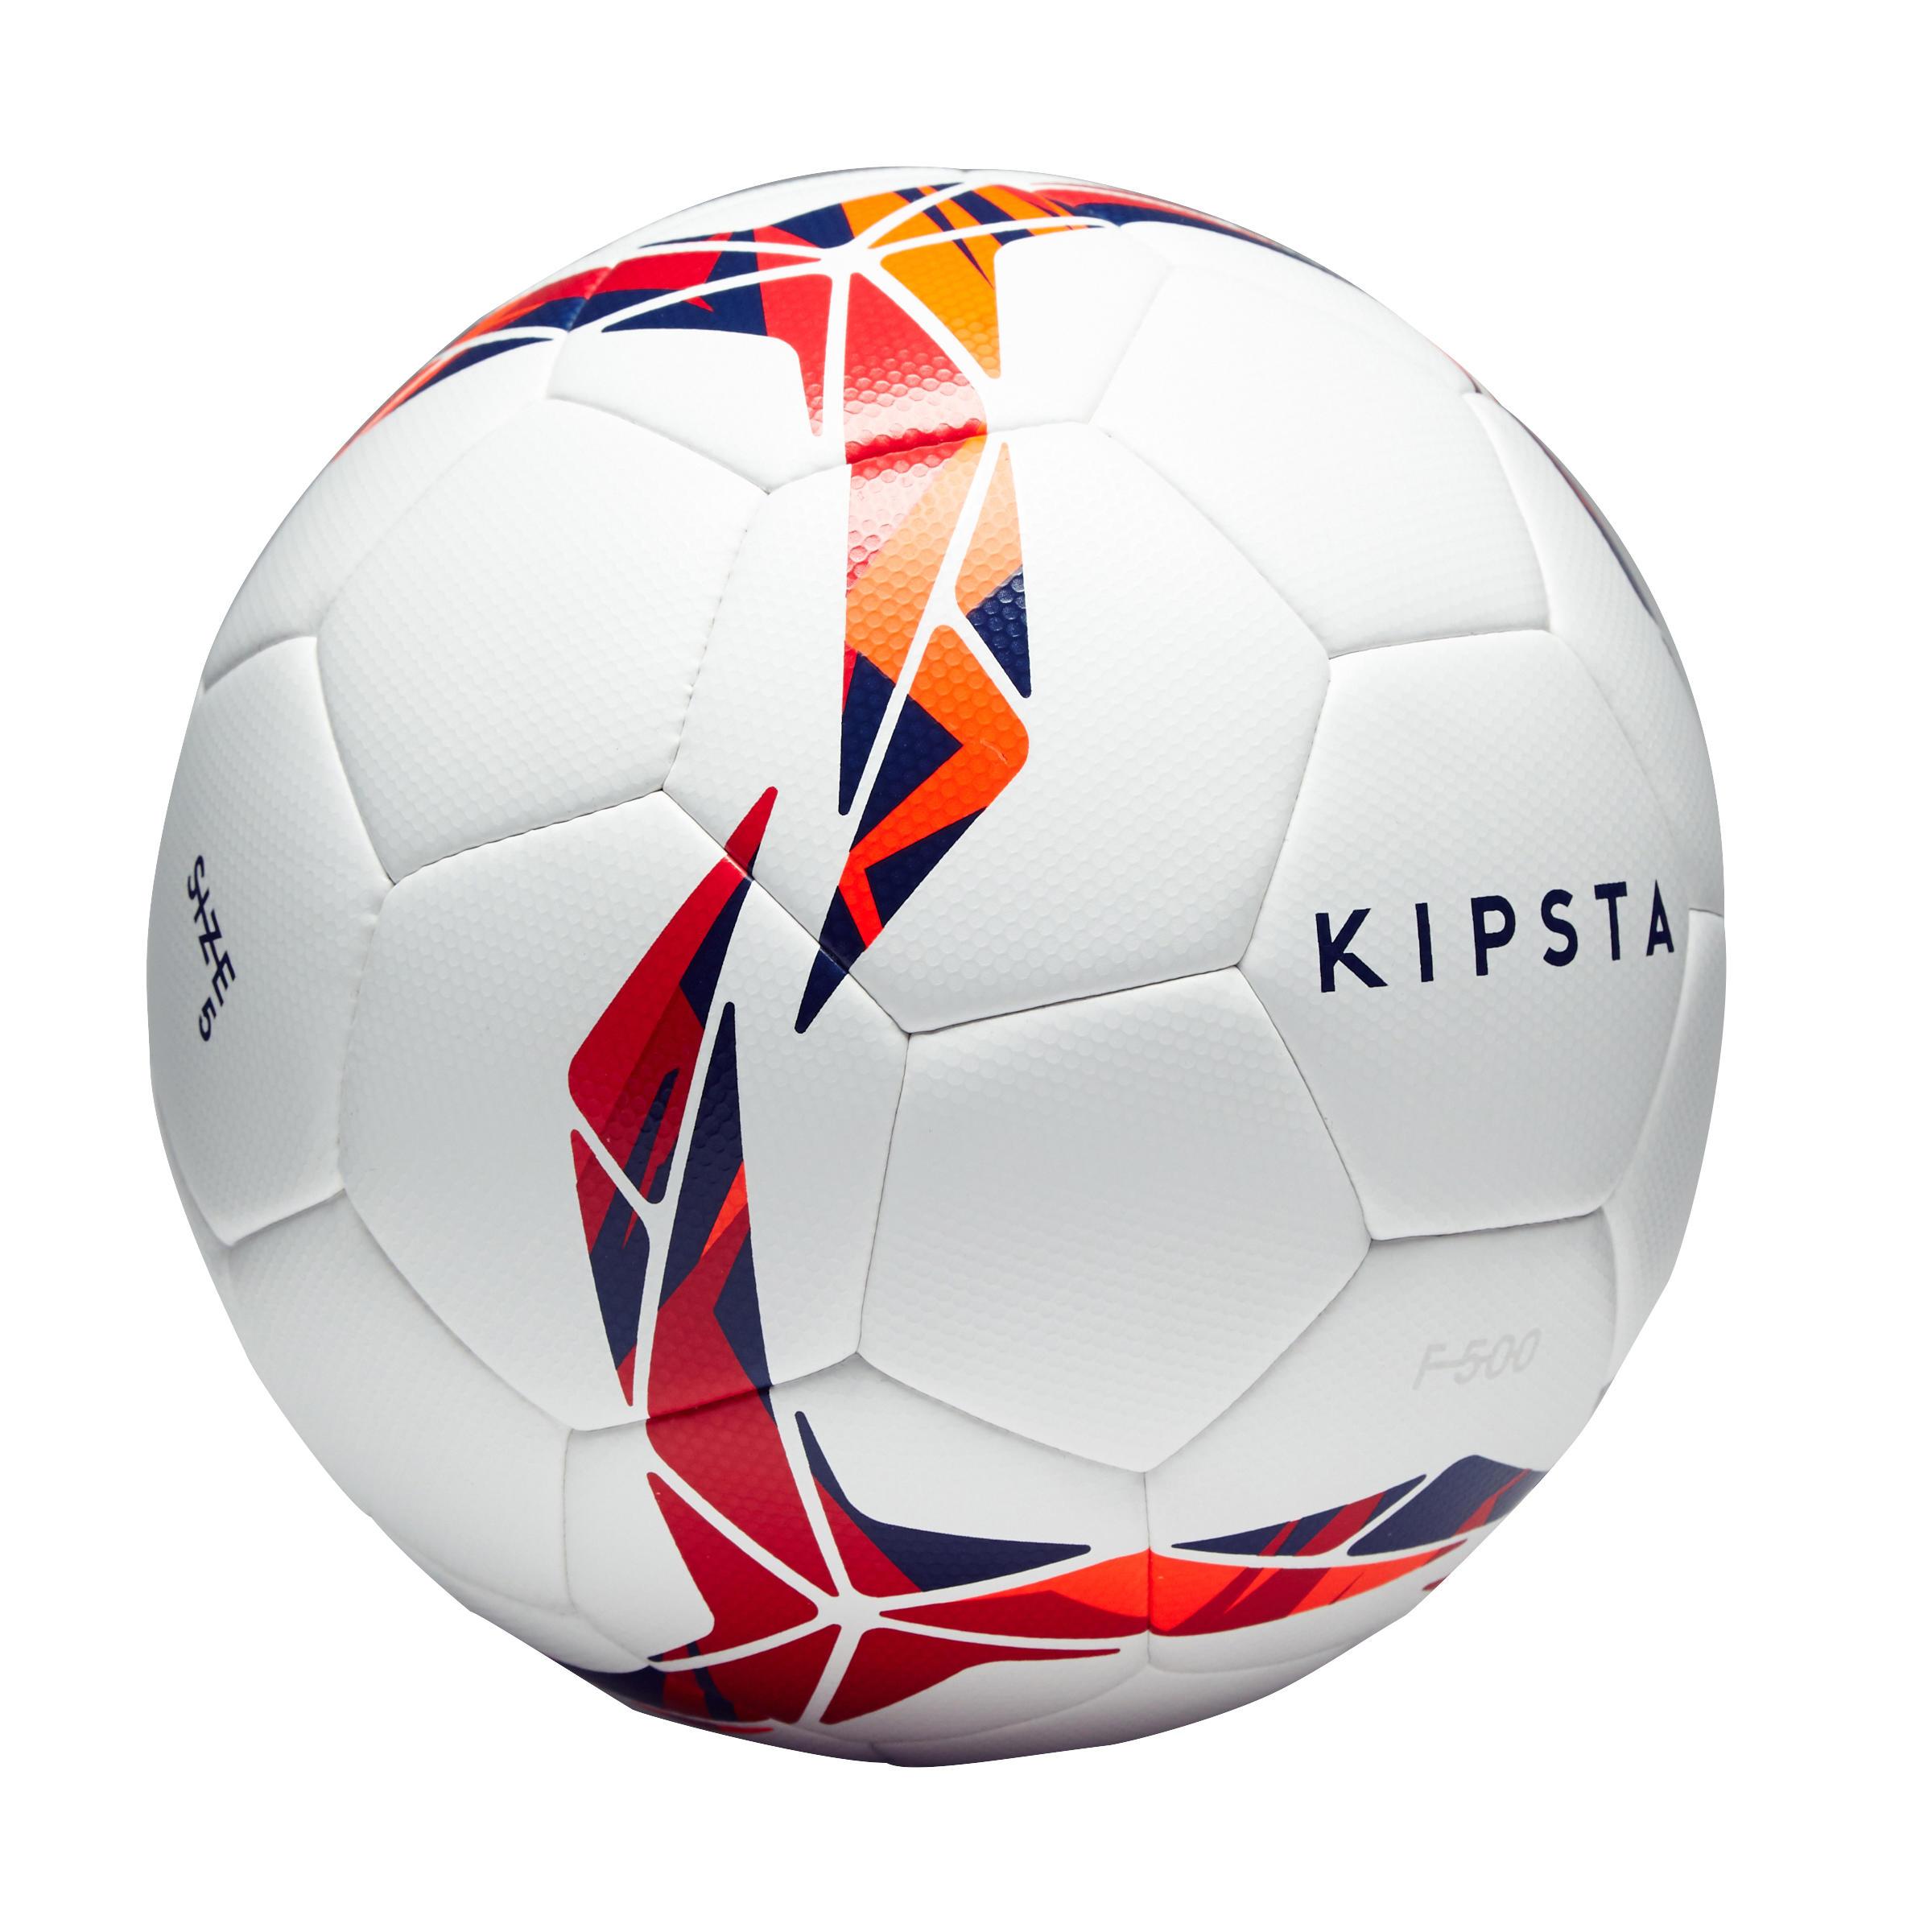 47dd3041e2fdf Balón de fútbol híbrido talla blanco azul ocre kipsta decathlon jpg 700x700  Decathlon caña alto taco